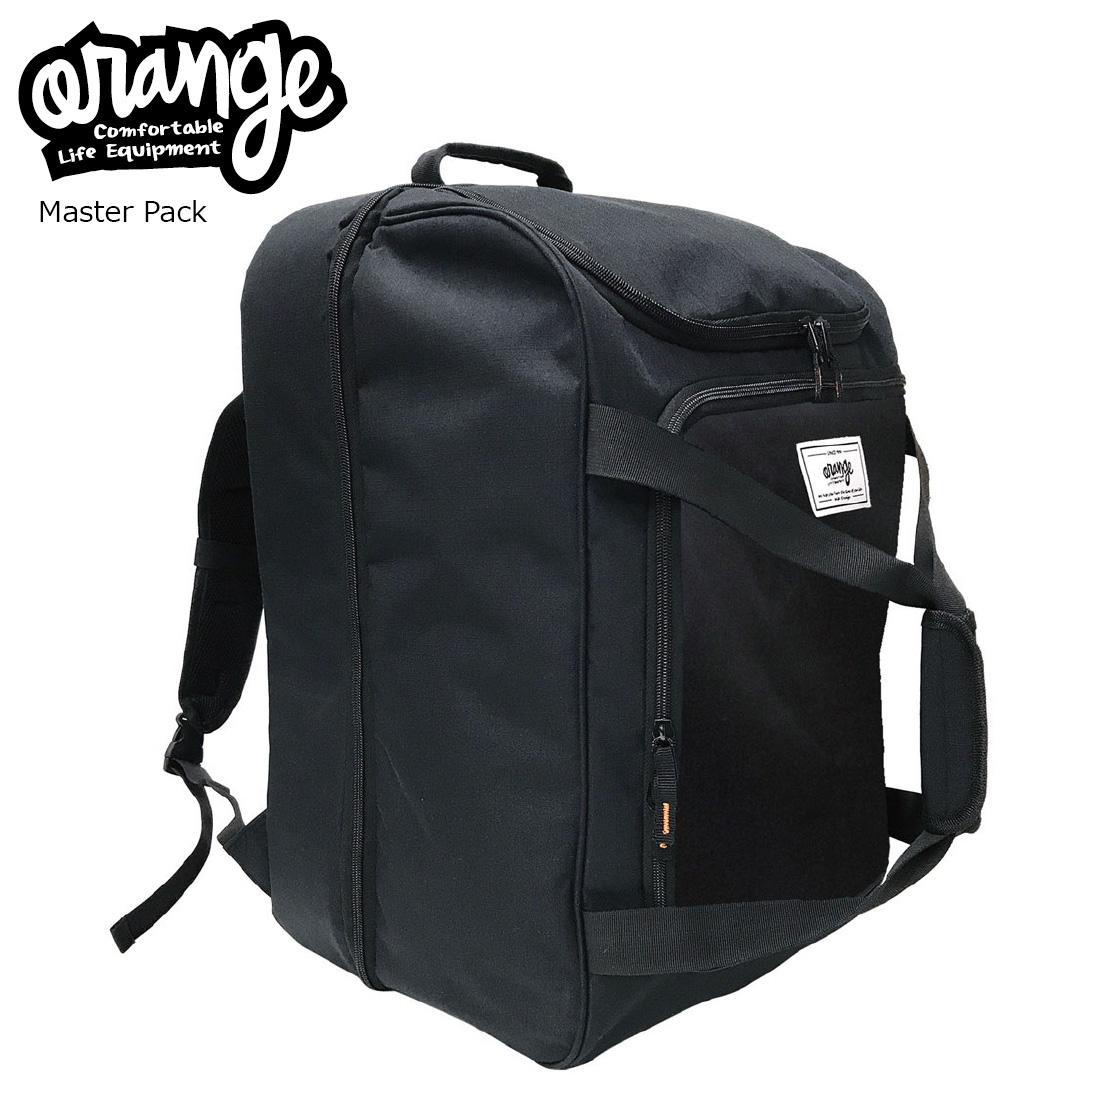 Oran'ge Master Pack 1001 Black オレンジ ブーツ・ヘルメット・ブーツバック 2層 ショルダー付